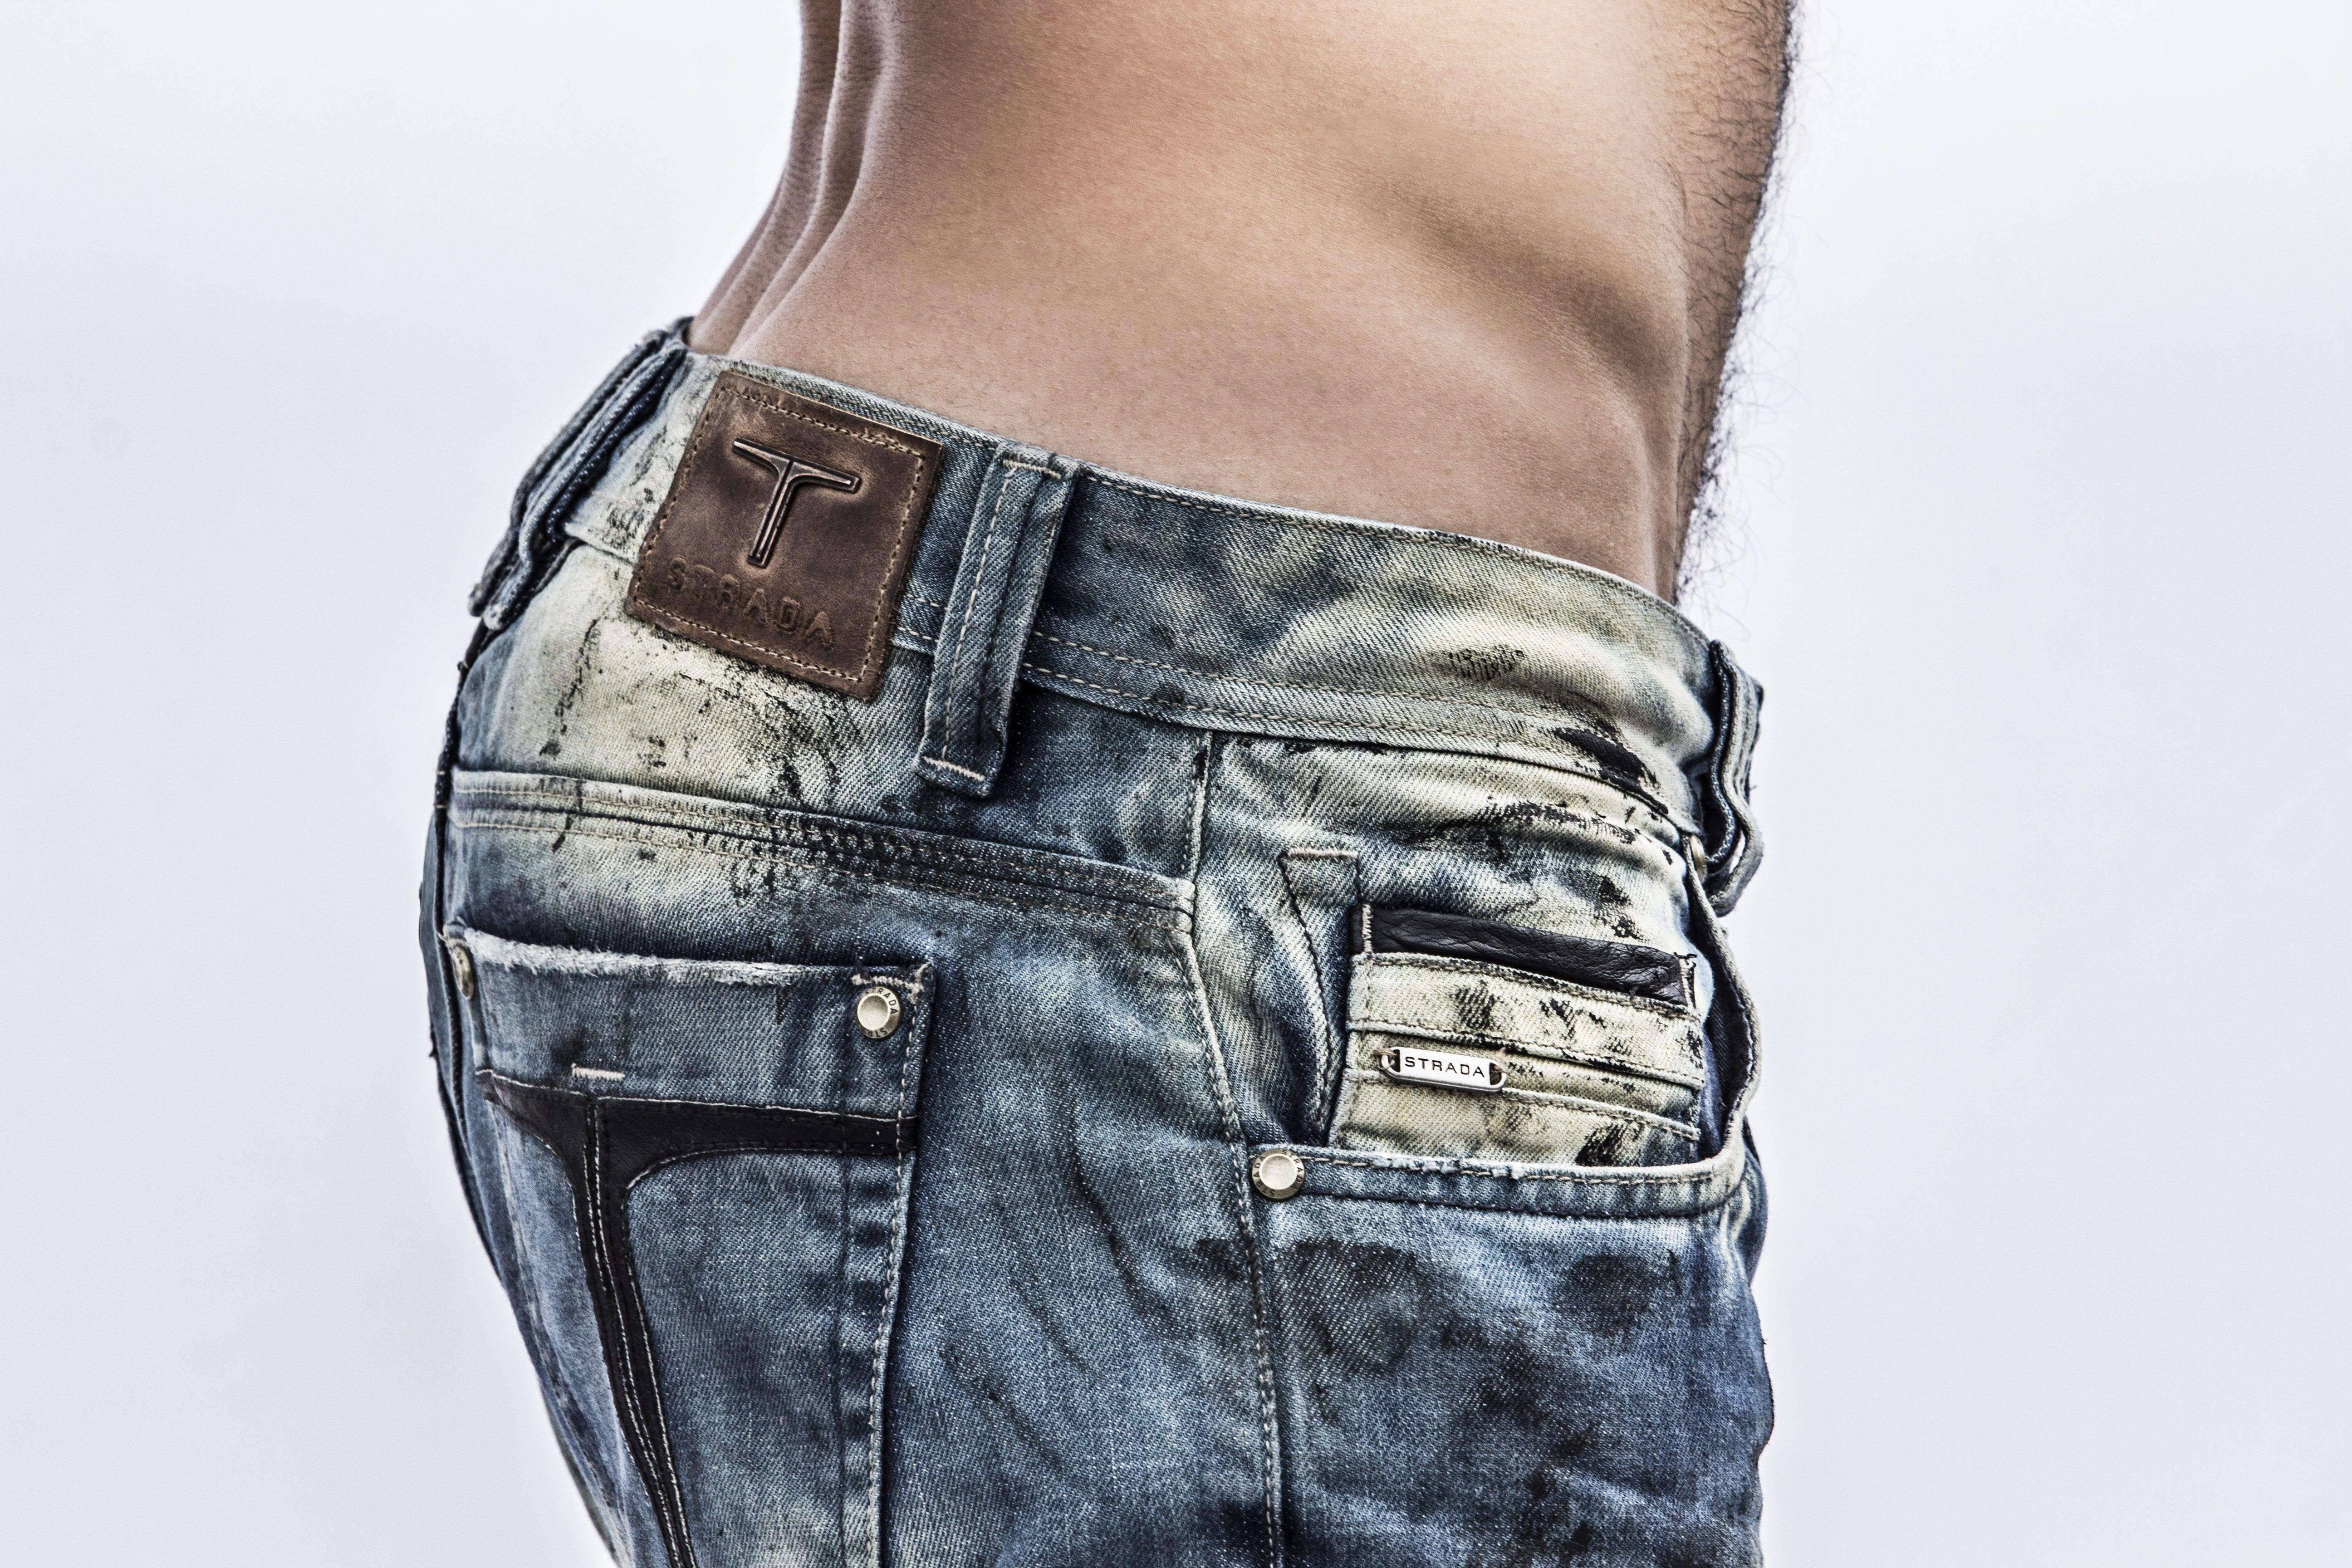 Identidad impresa en unos #vaqueros somos #stradainvoga #jeanswear #jeans #tejanos #denim #sexy #mens #hombres #marcascolombianas #lavadosindustriales #moda #ventas #Medellin #blogger #Bogota #body #mezclilla #fashionphotographer #fashiondenim